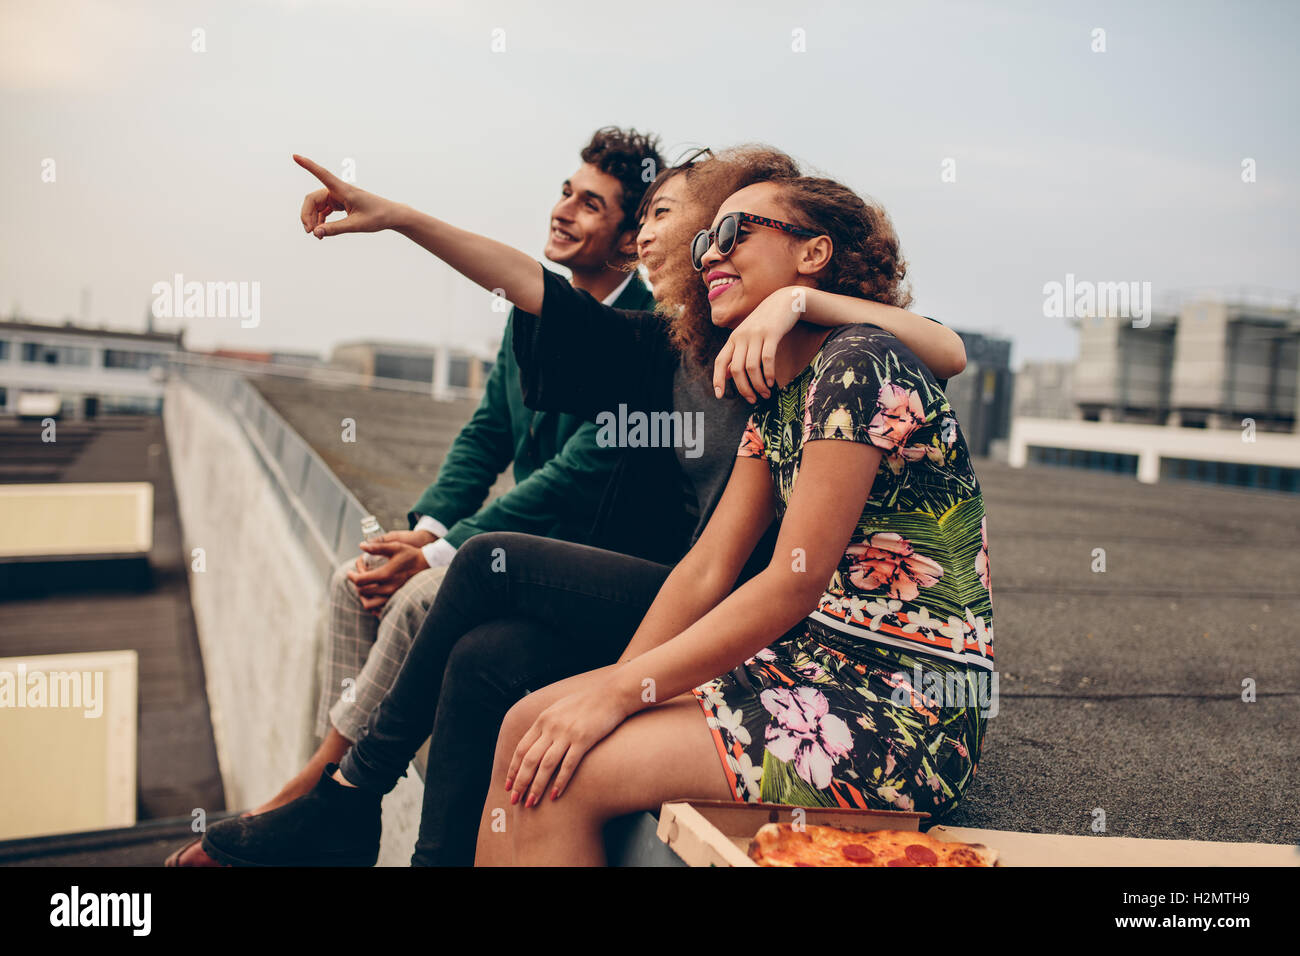 El hombre y la mujer sentada en la terraza de la azotea y apartar la mirada sonriendo. Feliz jóvenes amigos Imagen De Stock